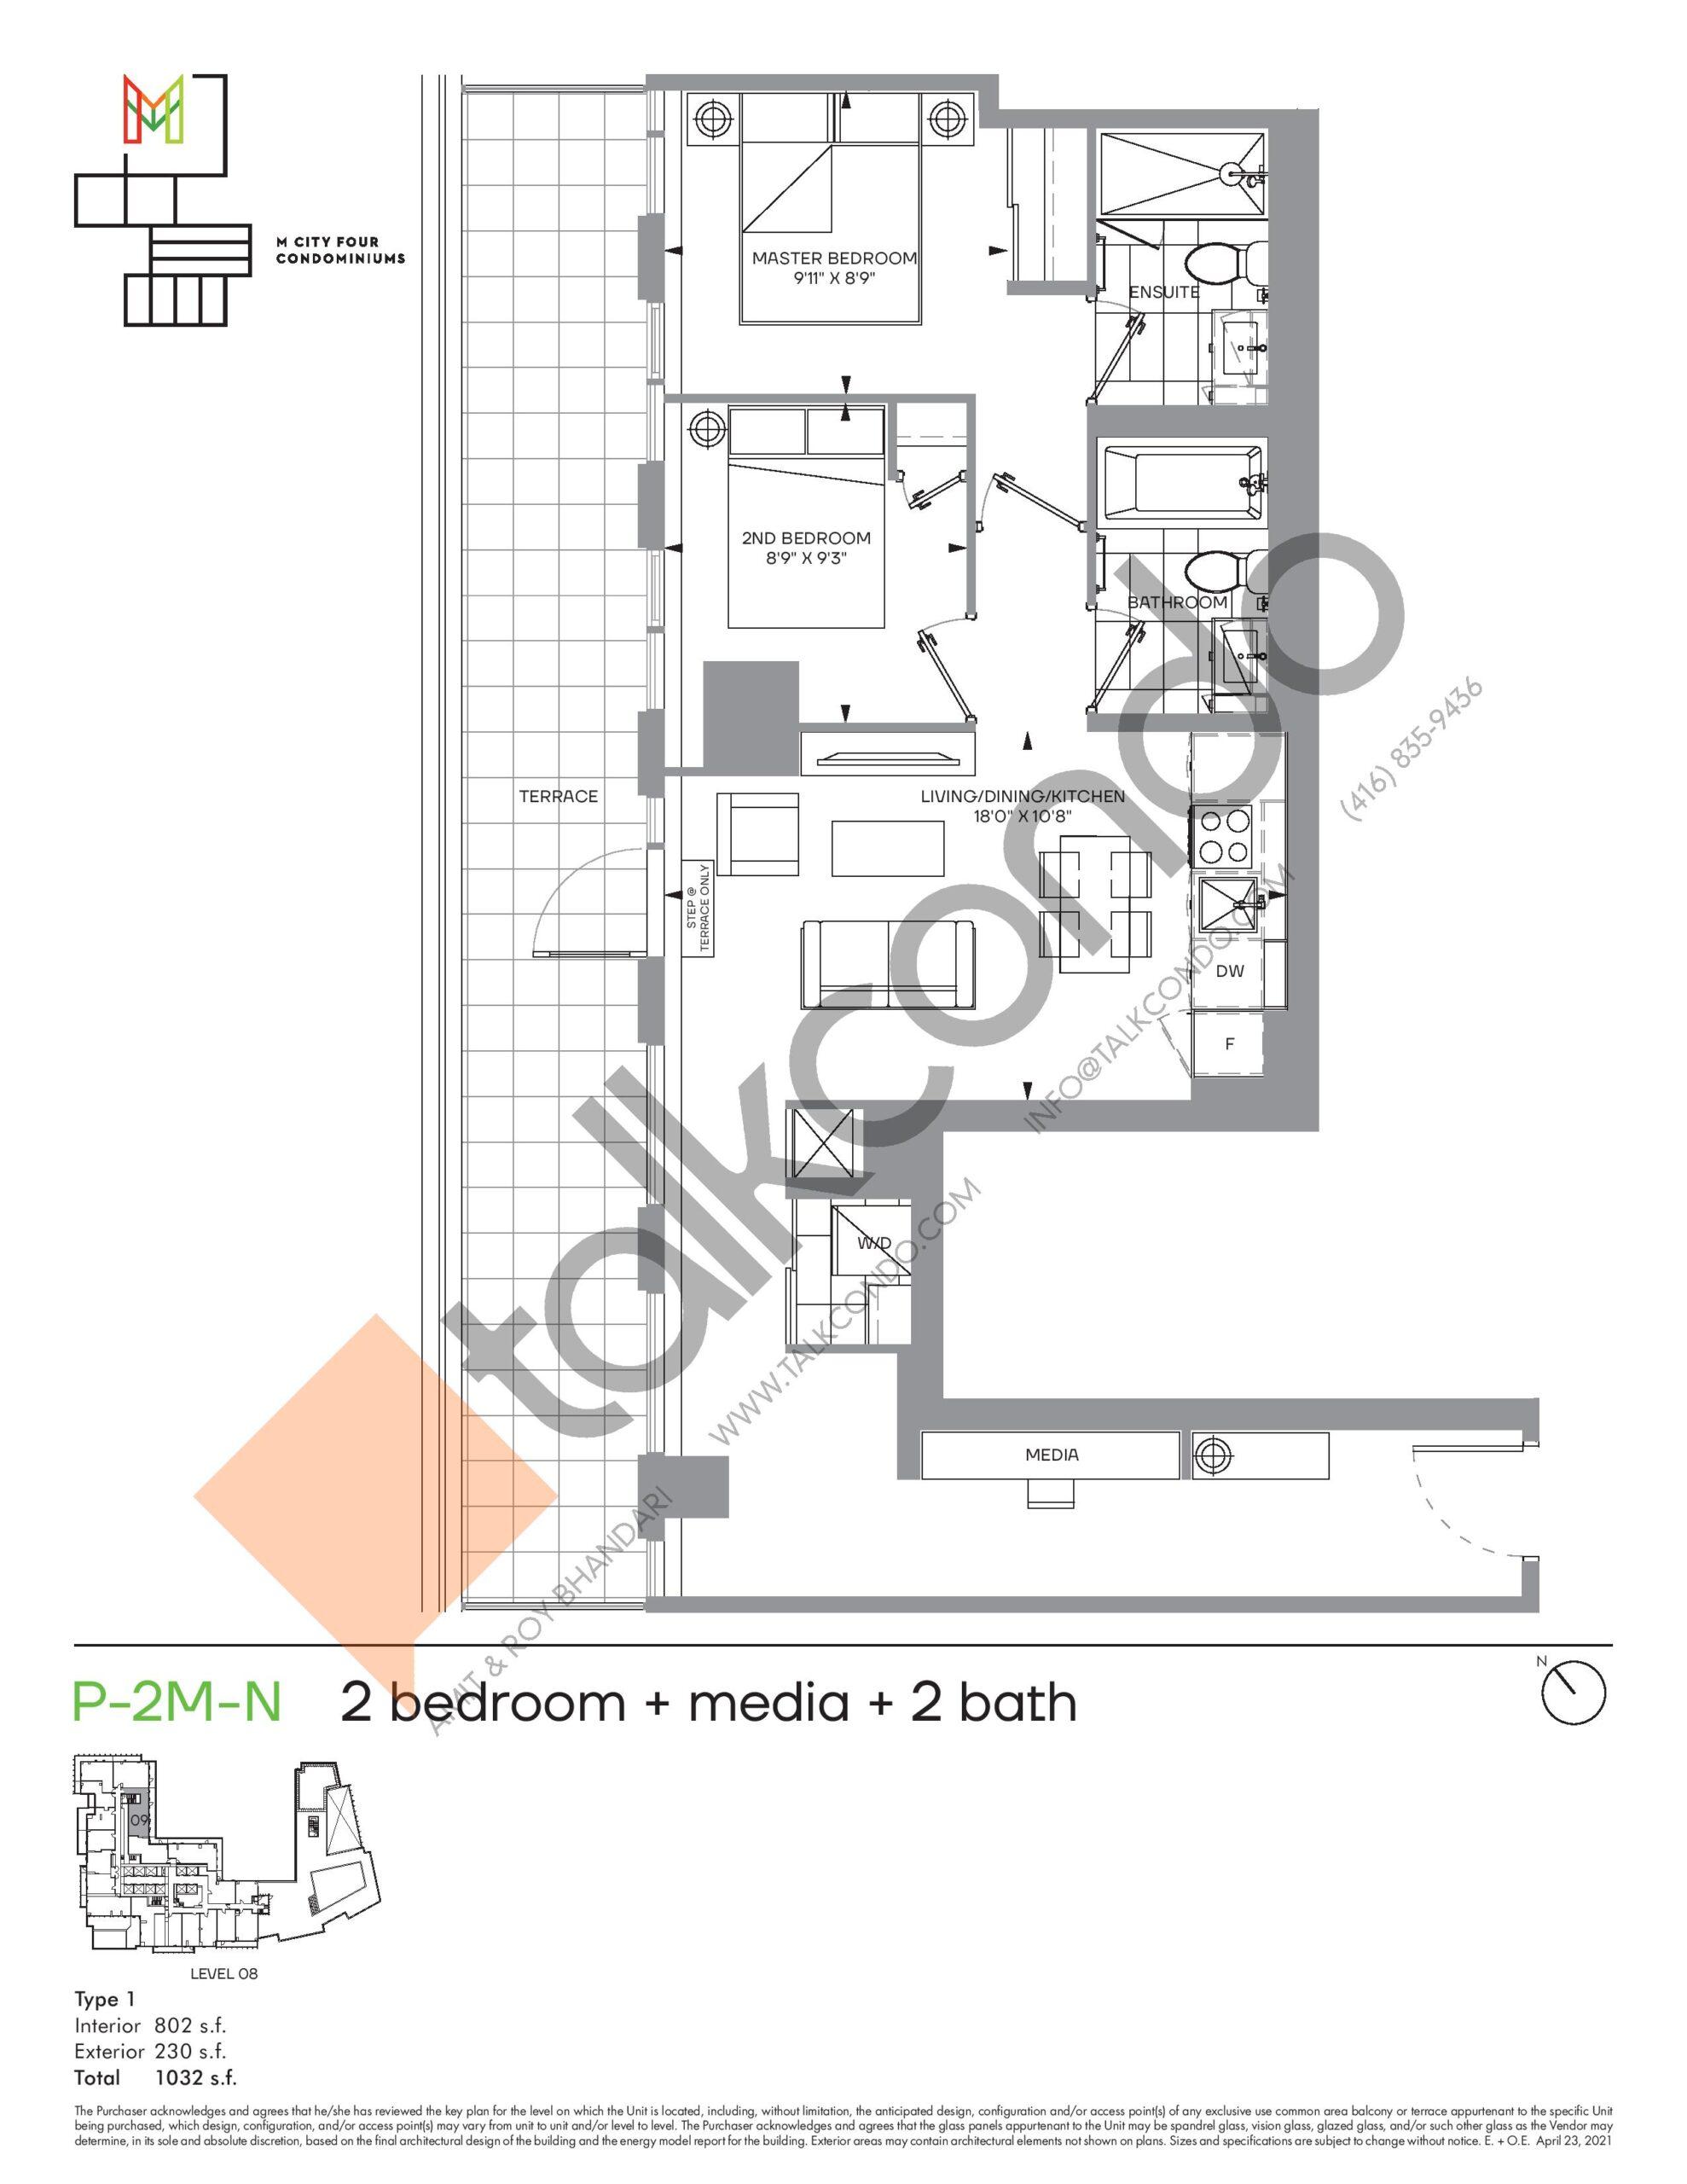 P-2M-N (Podium) Floor Plan at M4 Condos - 802 sq.ft